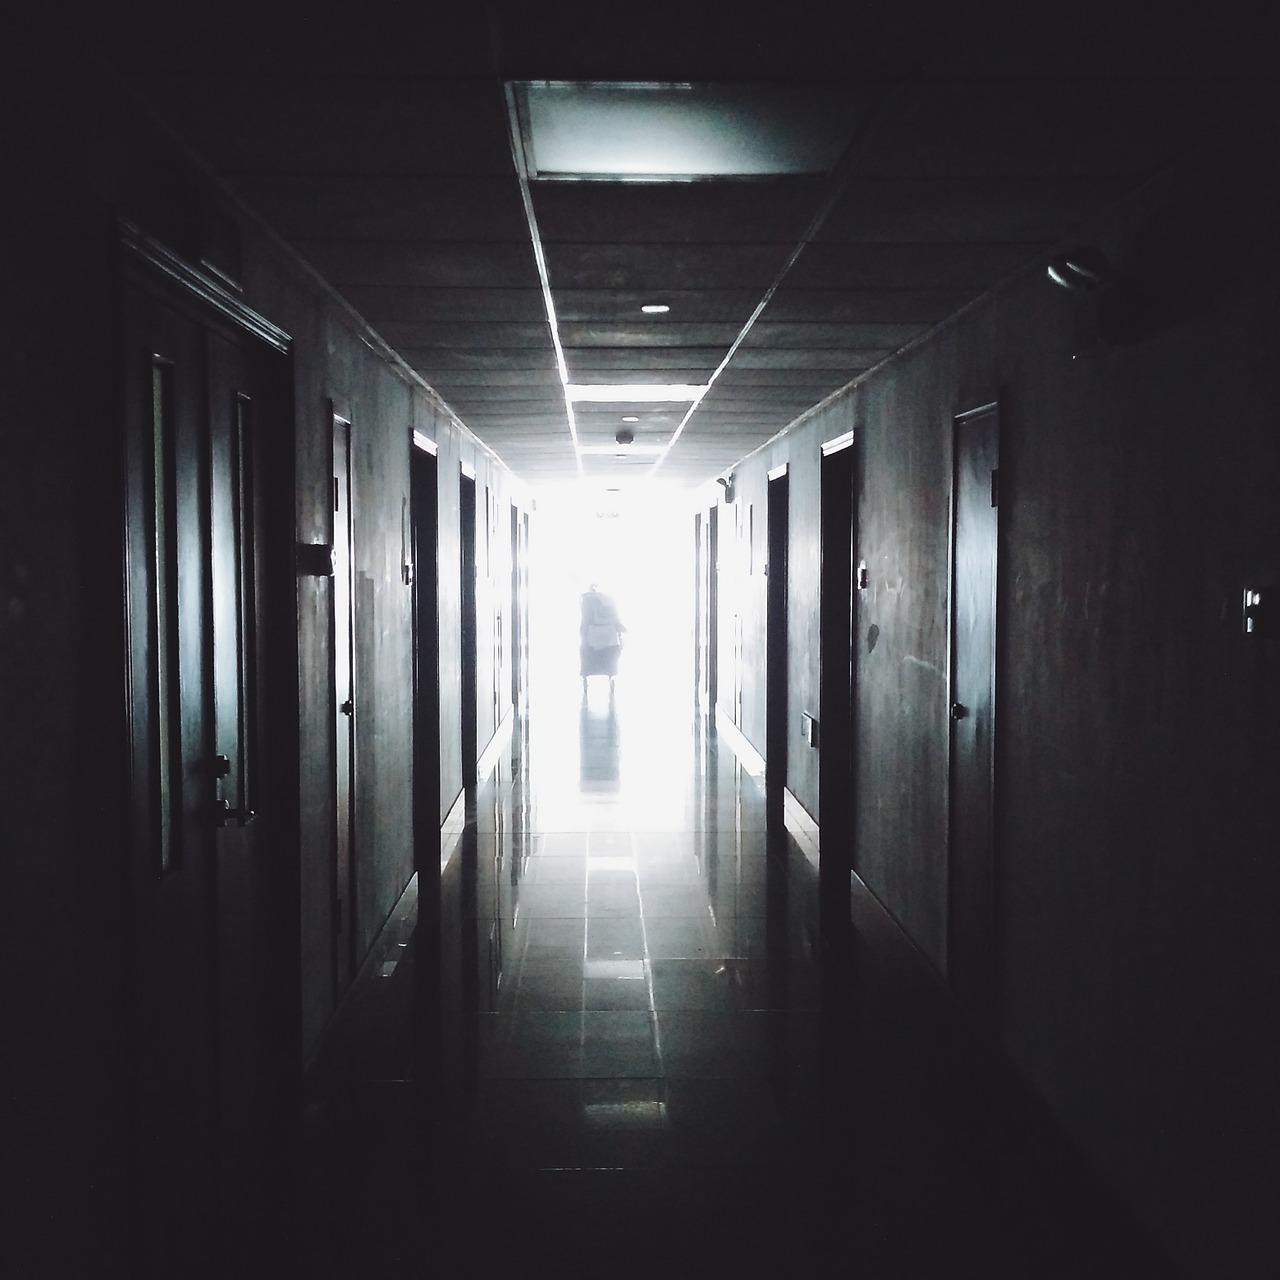 Mamy ciemny korytarz